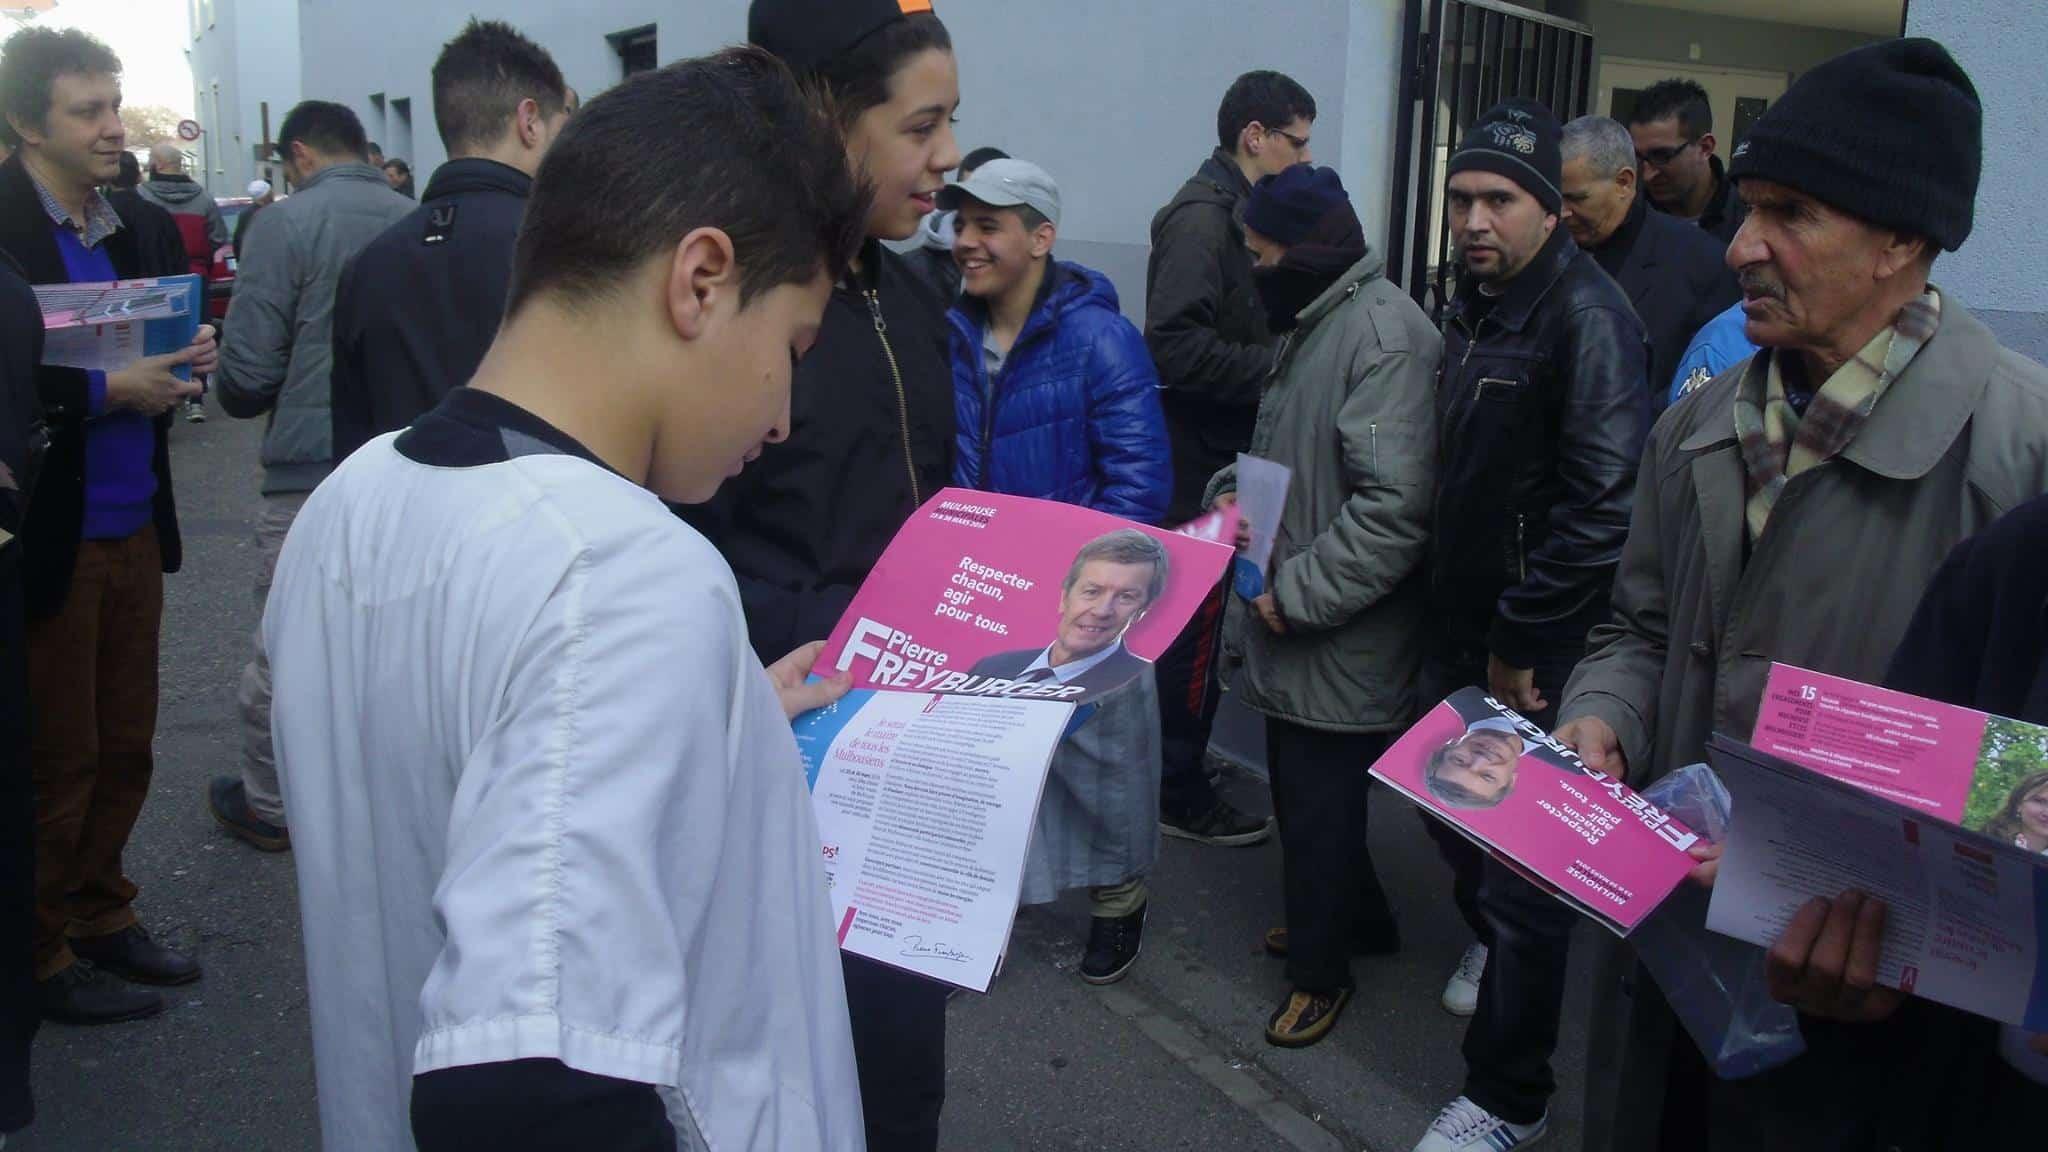 Distribution de tracts de Pierre Dreyburger à la sortie des mosquées à Mulhouse 2